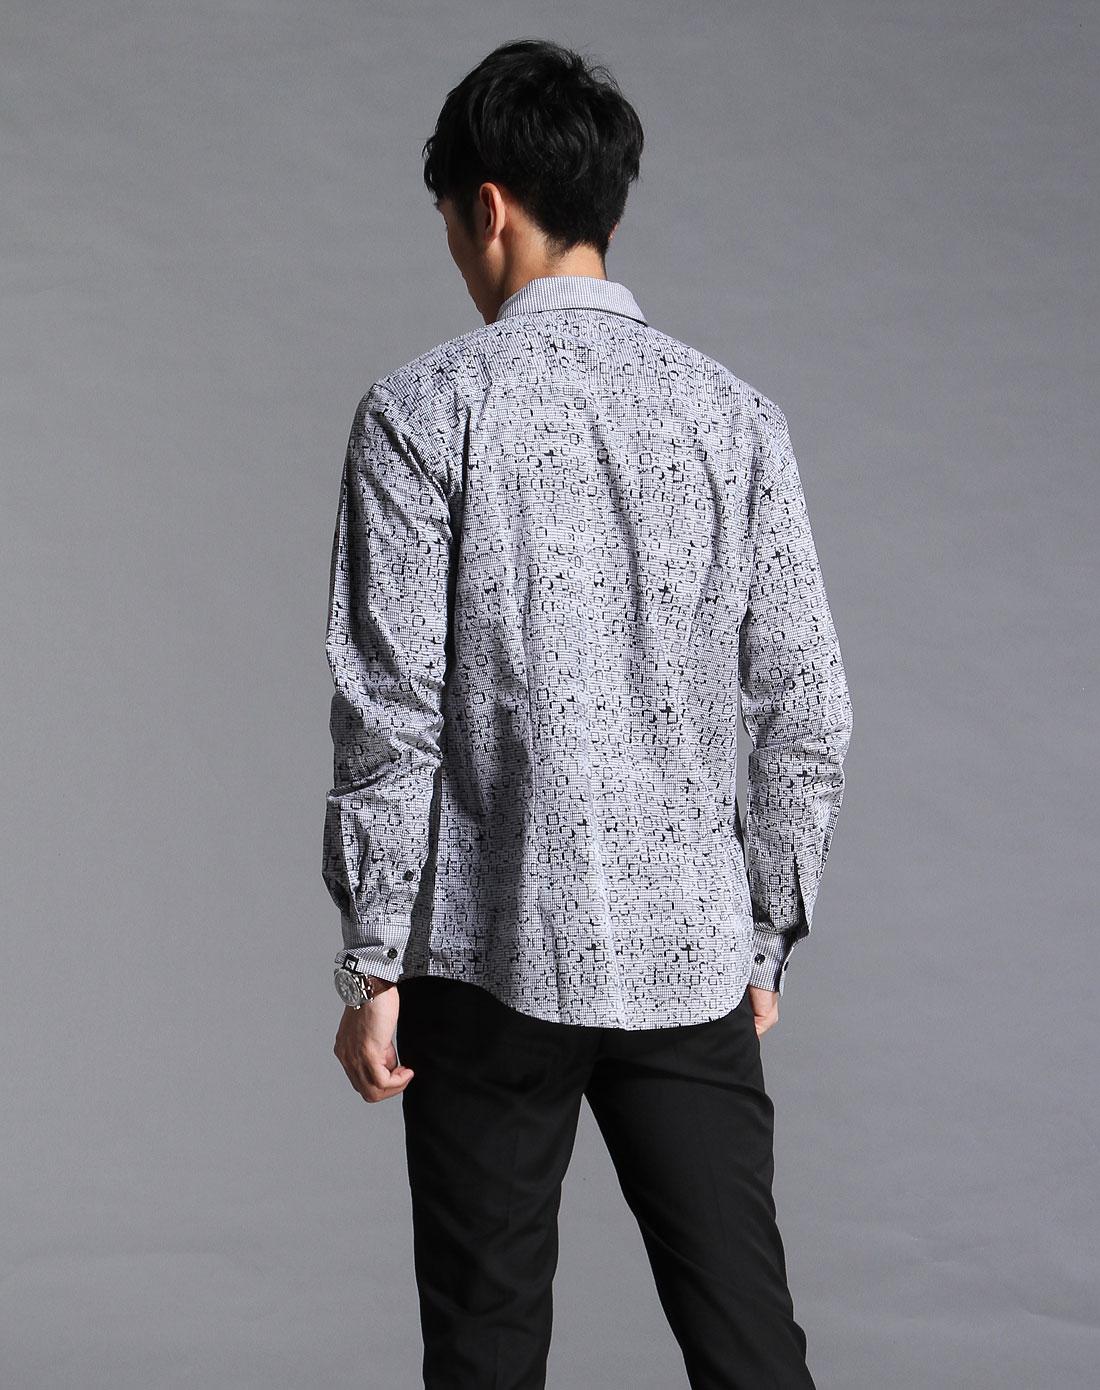 黑白色格子印花长袖休闲衬衫